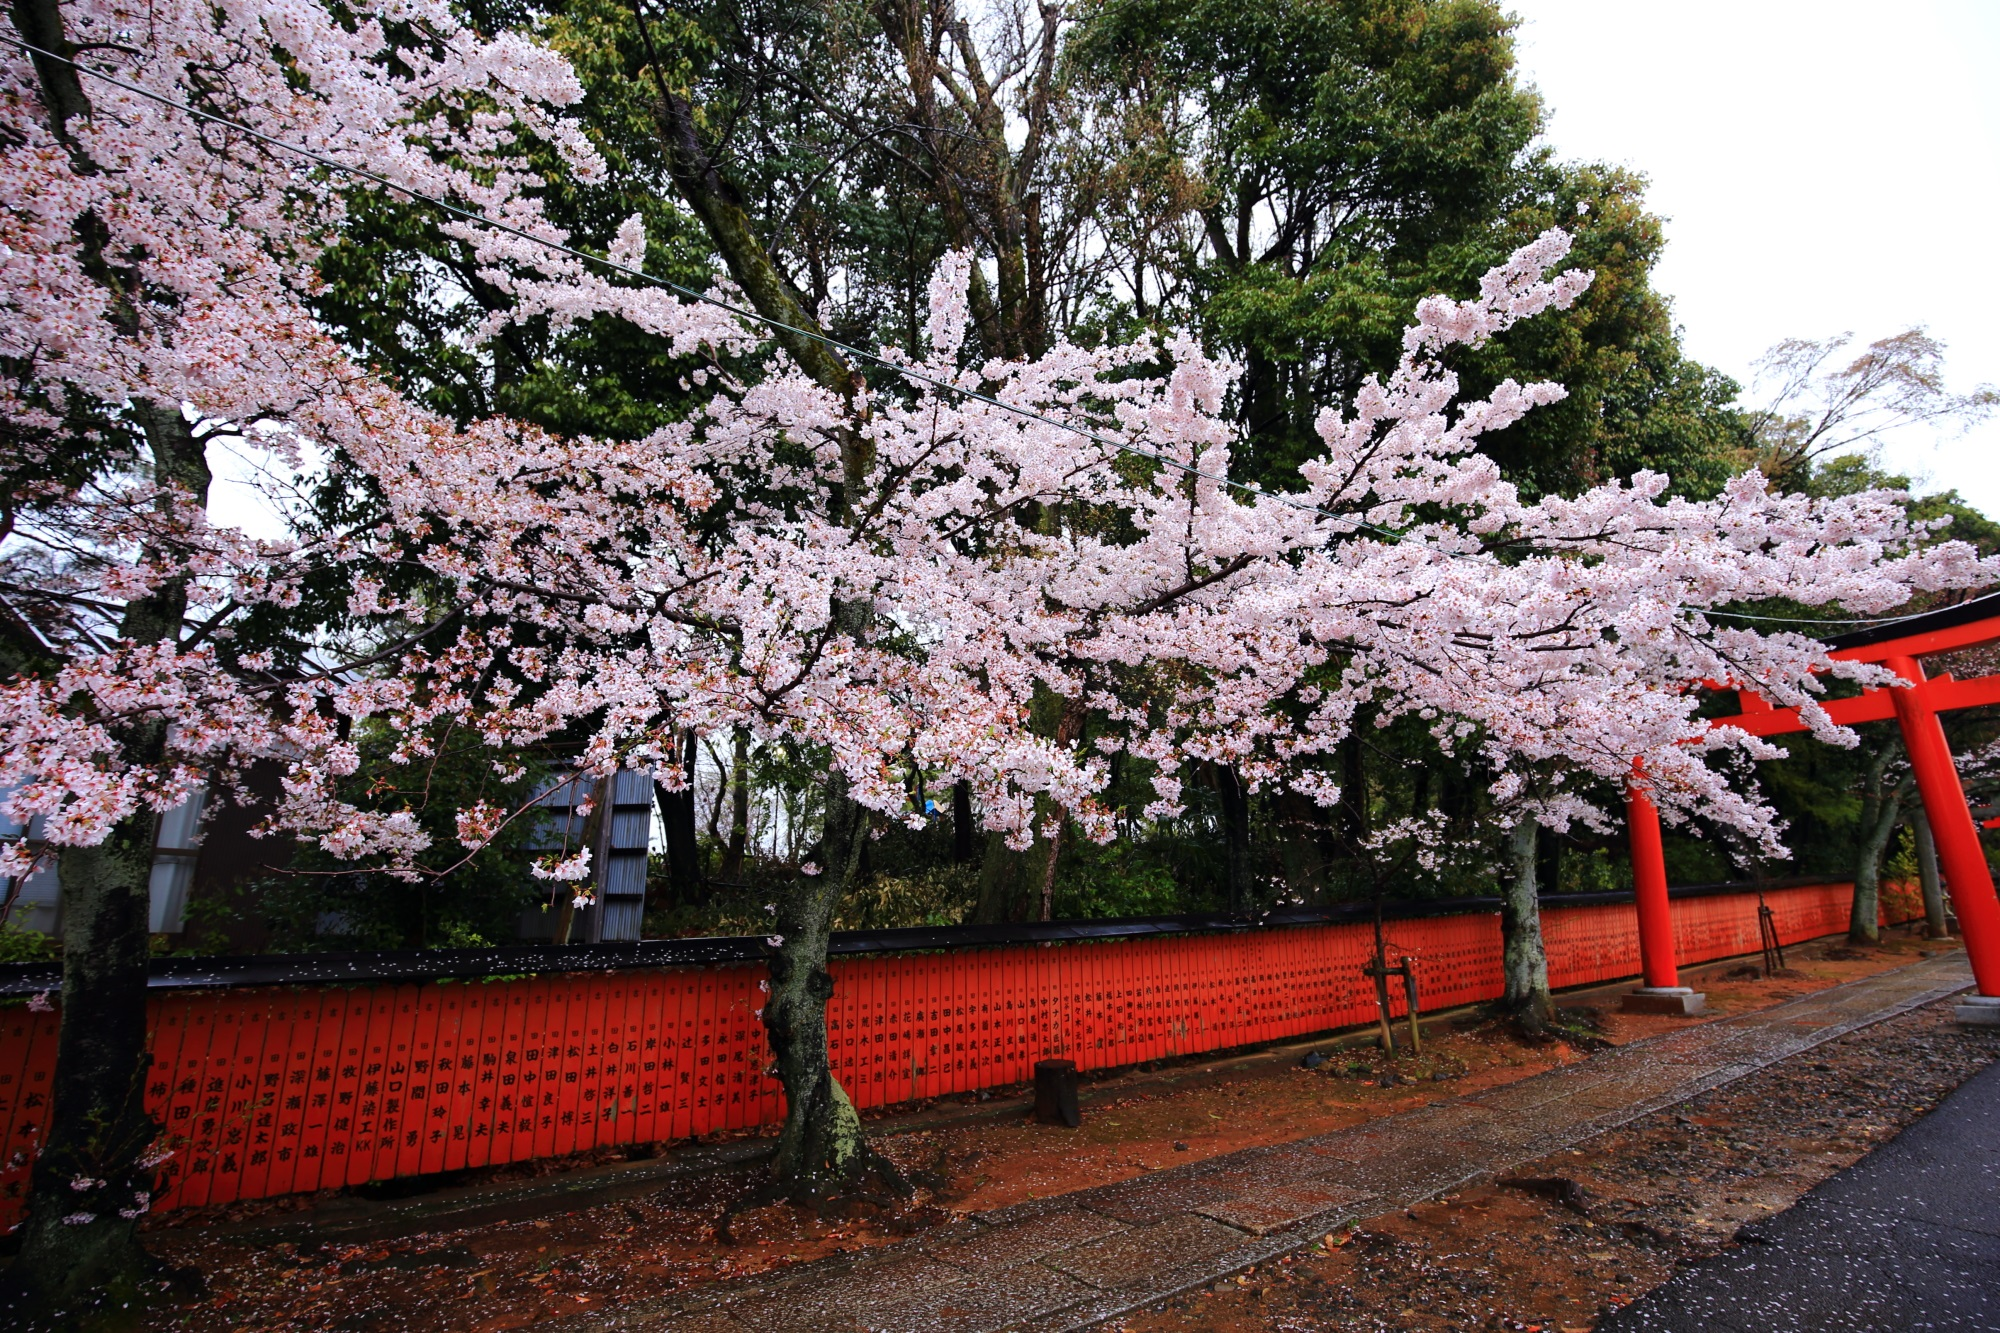 鳥居とともに桜を引き立てる参道沿いに並ぶ赤い玉垣